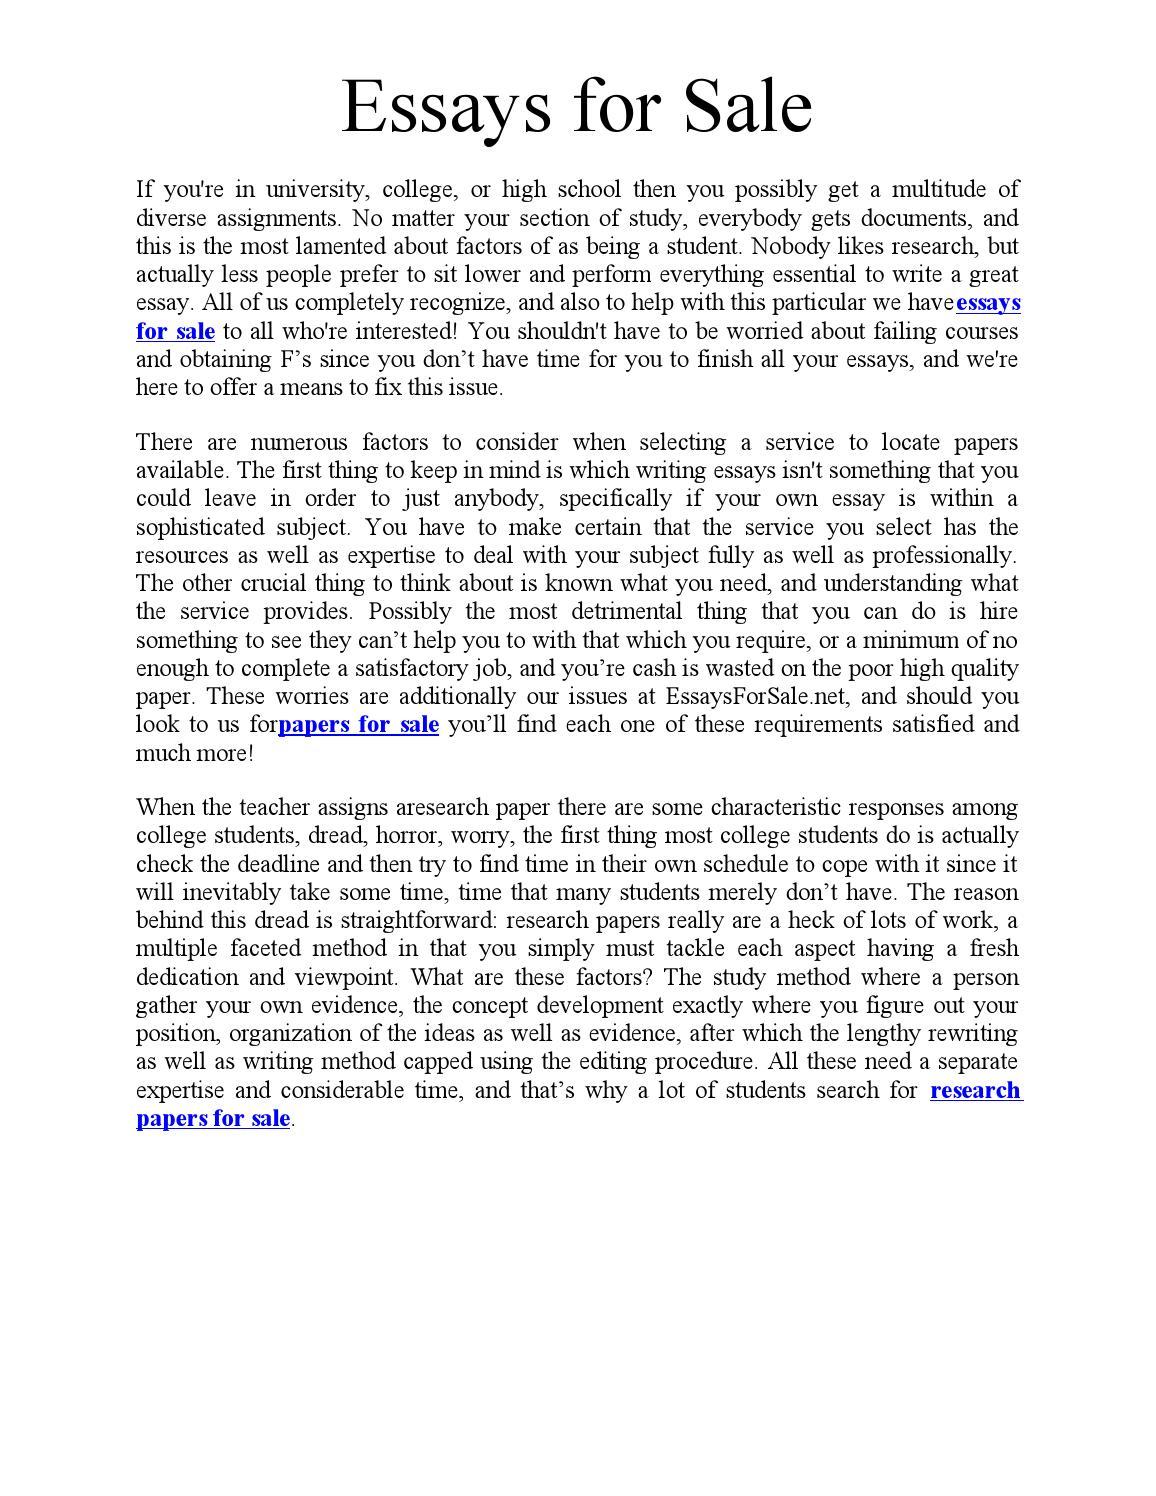 John smith essay